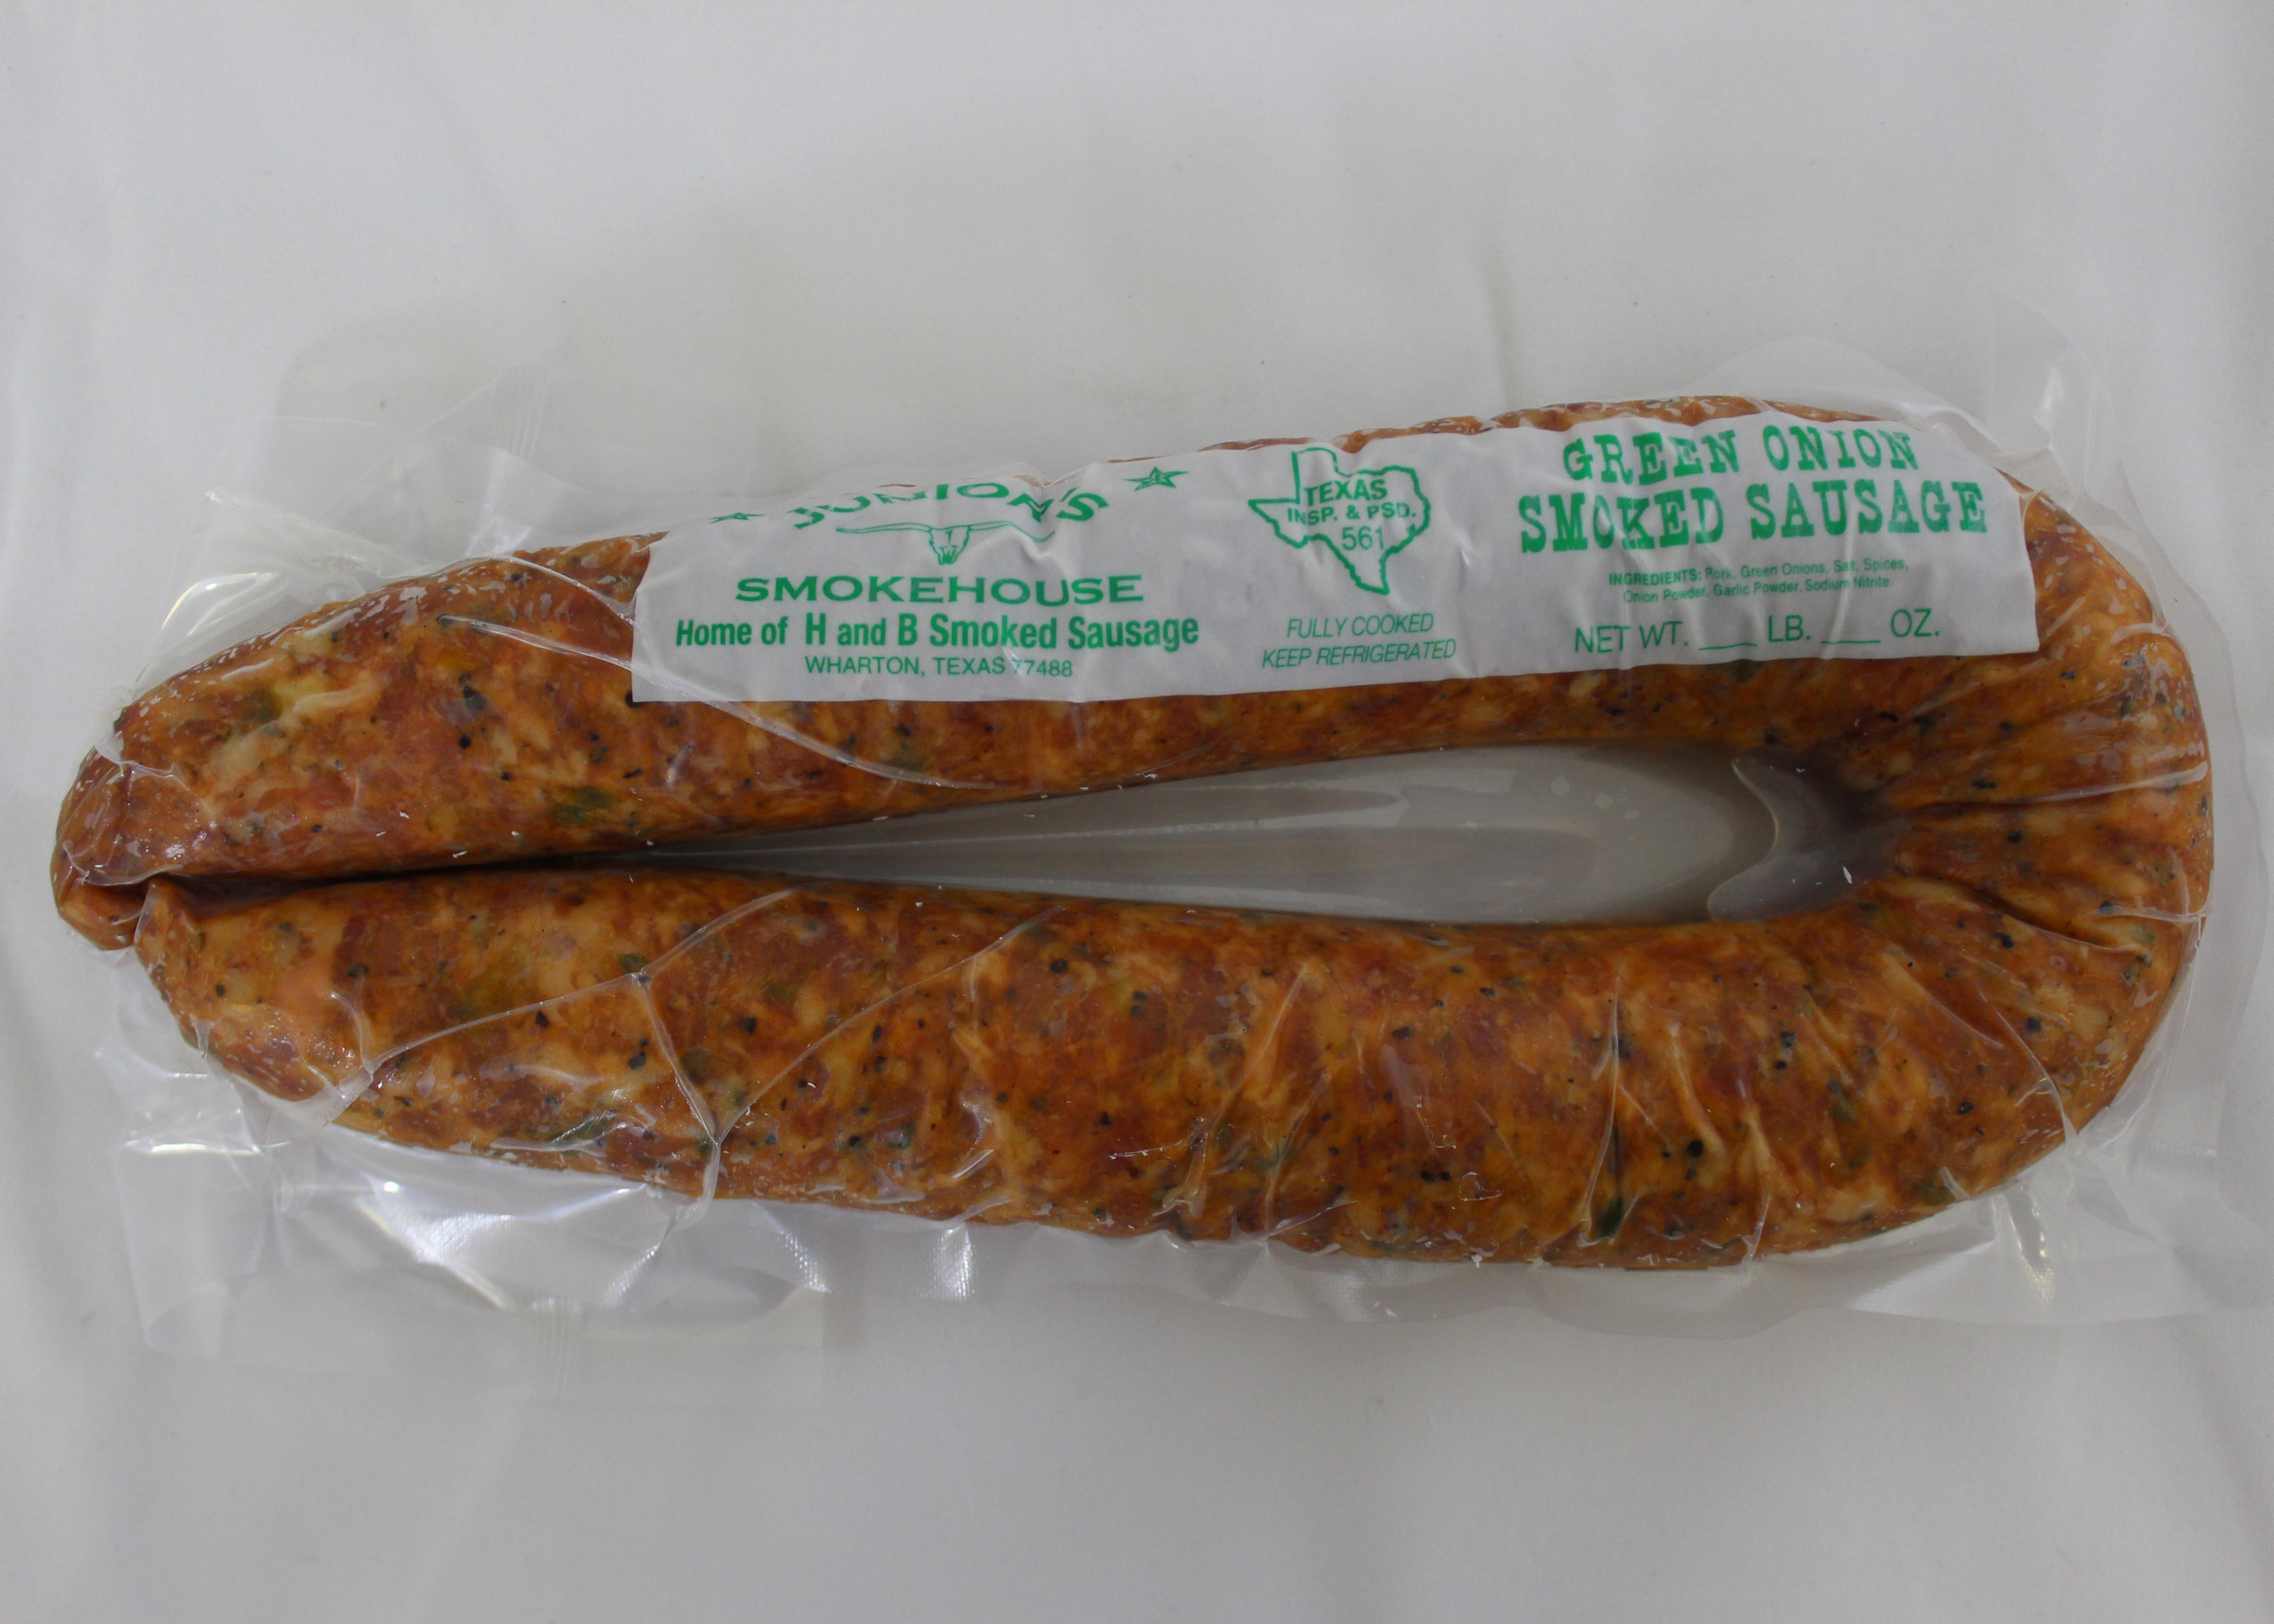 Green Onion Smoked Sausage - Juniors Smokehouse